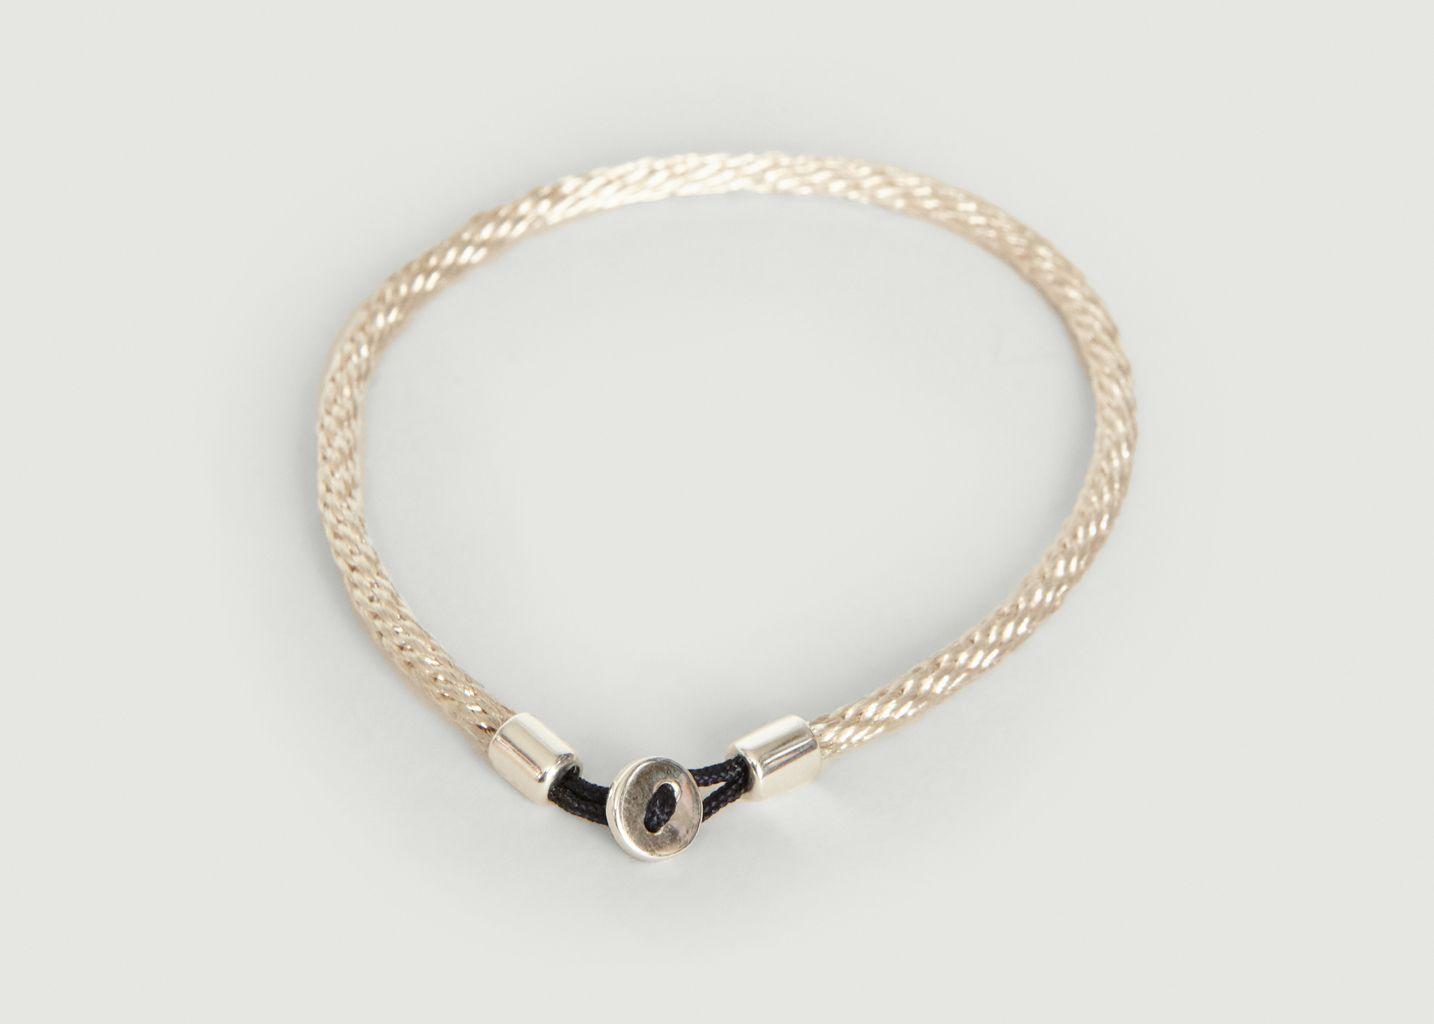 Bracelet Nexus Cable - Miansai